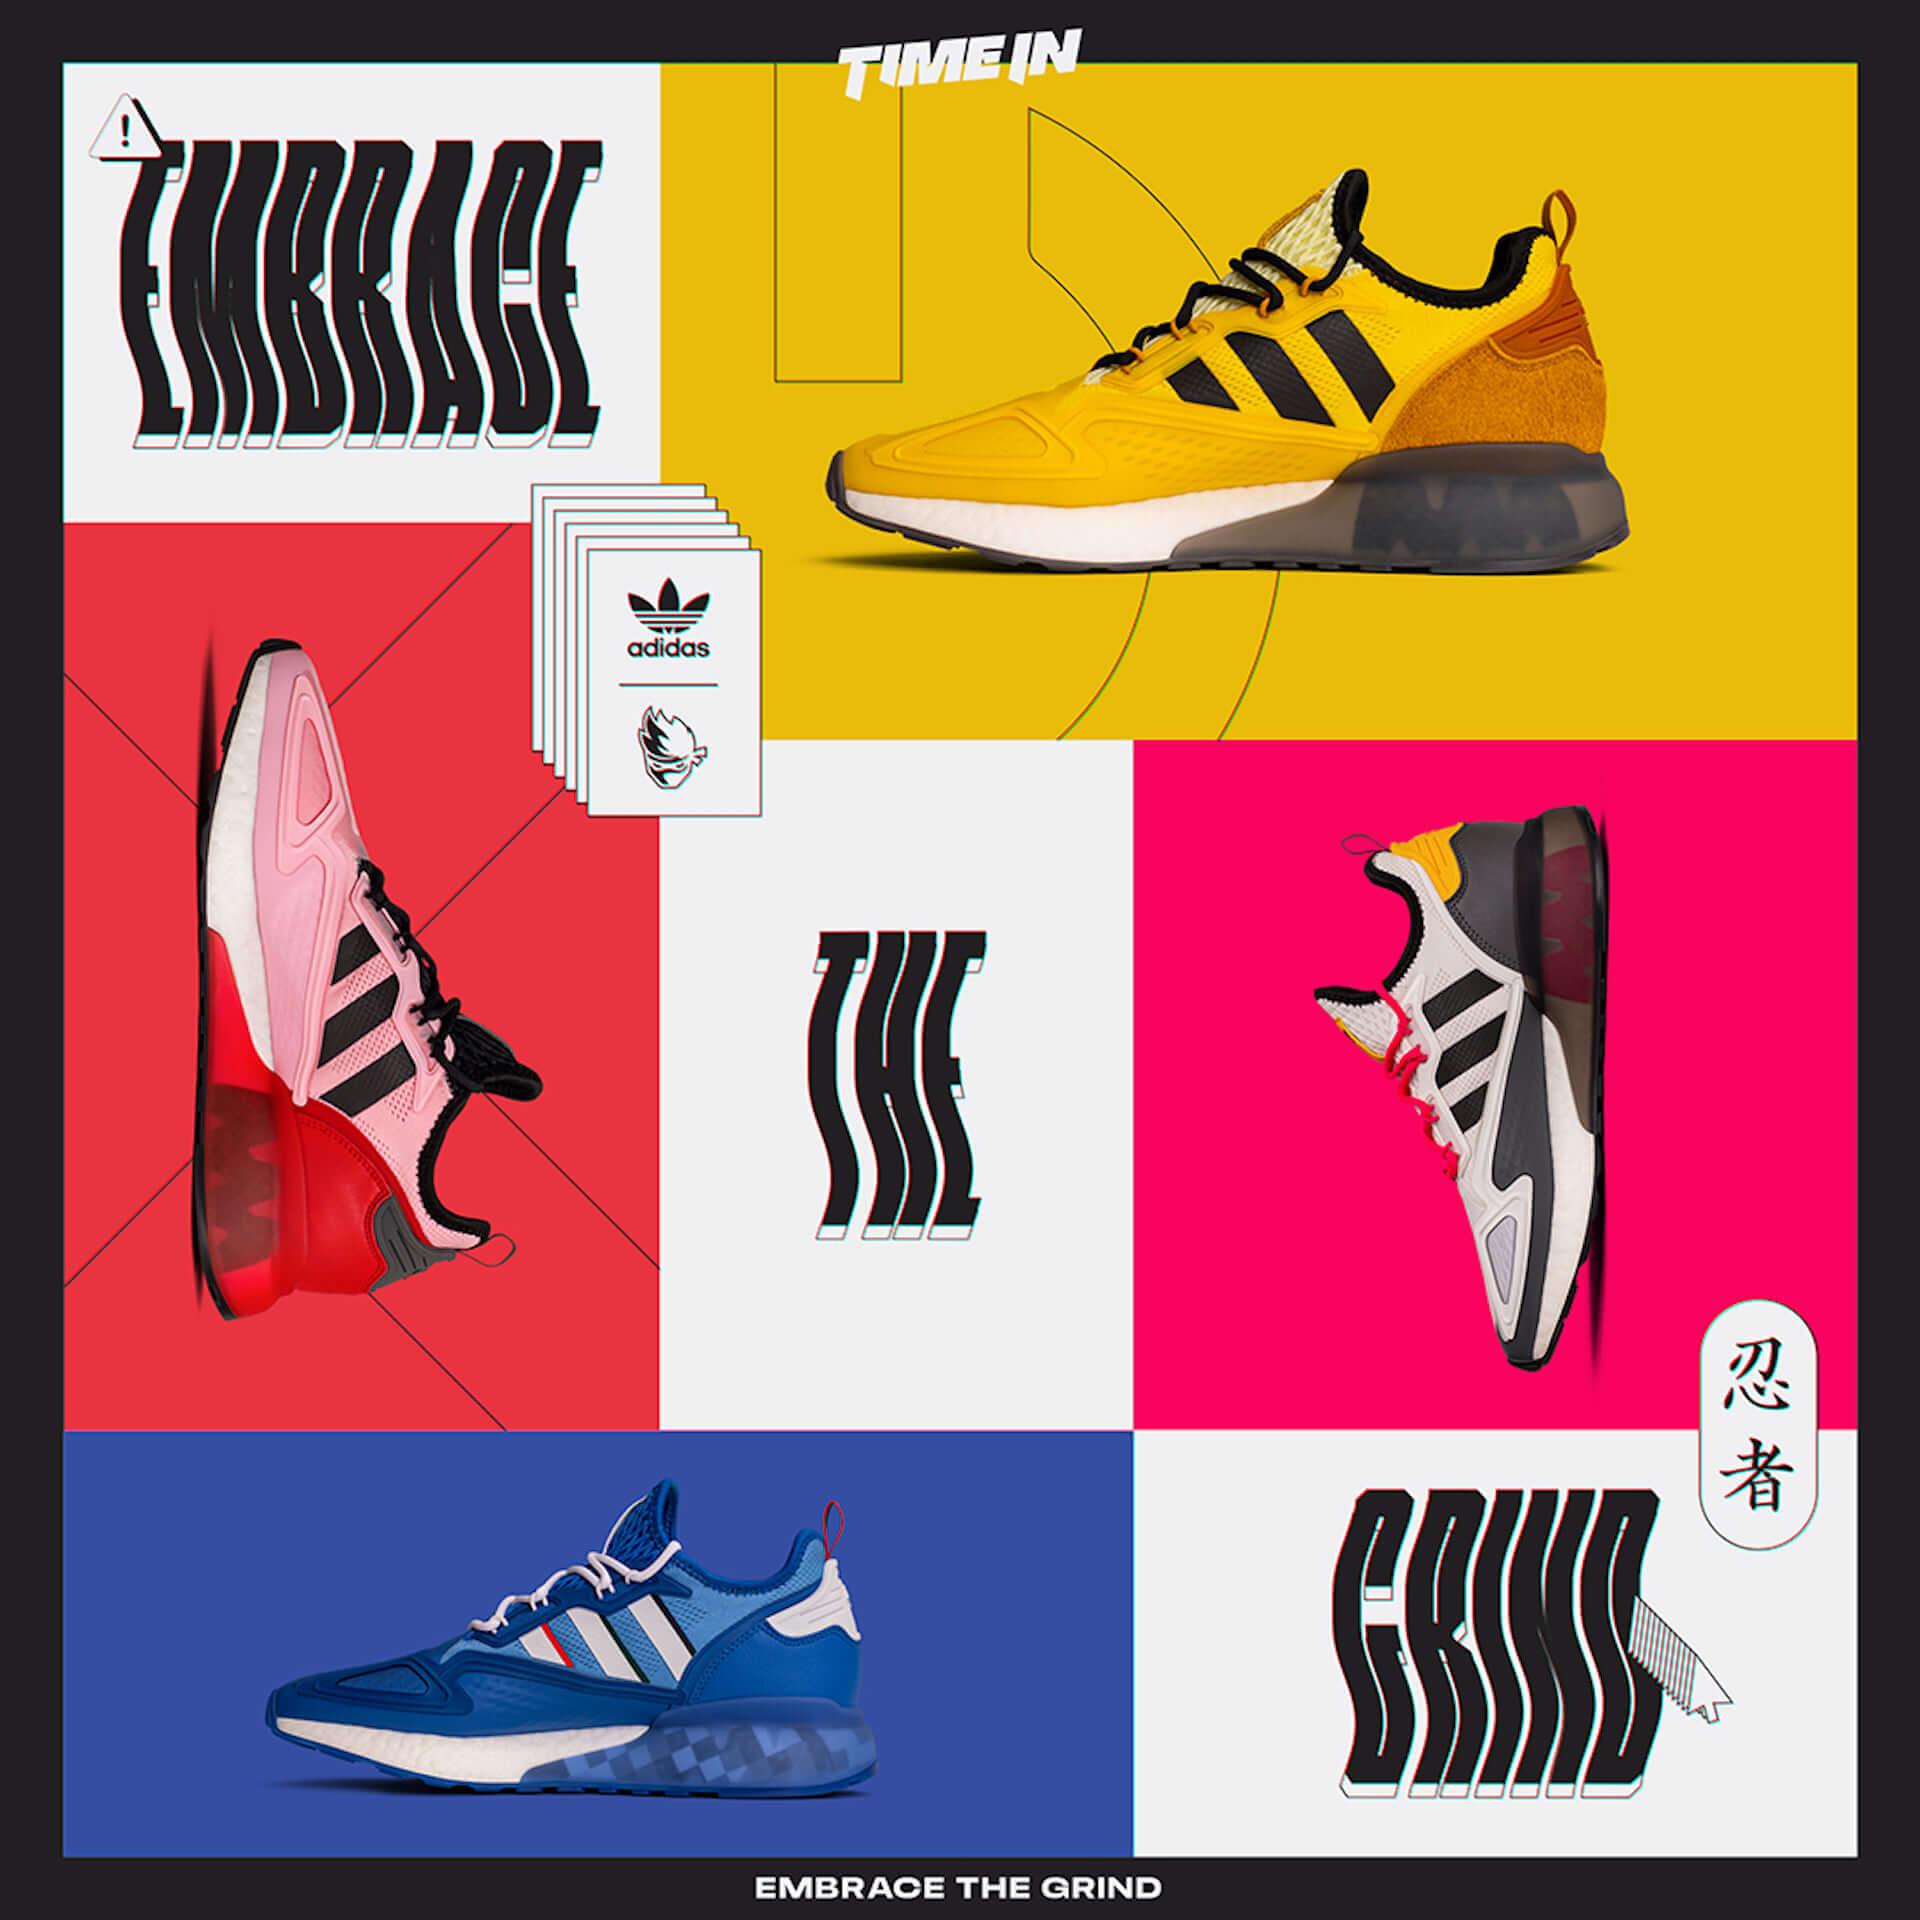 adidas Originalsと大人気ゲームストリーマー・Ninjaの最新コラボコレクションが登場!特別モデル『NINJA ZX 2K BOOST』やTシャツなど多数展開 lf201203_adidas_2-1920x1920